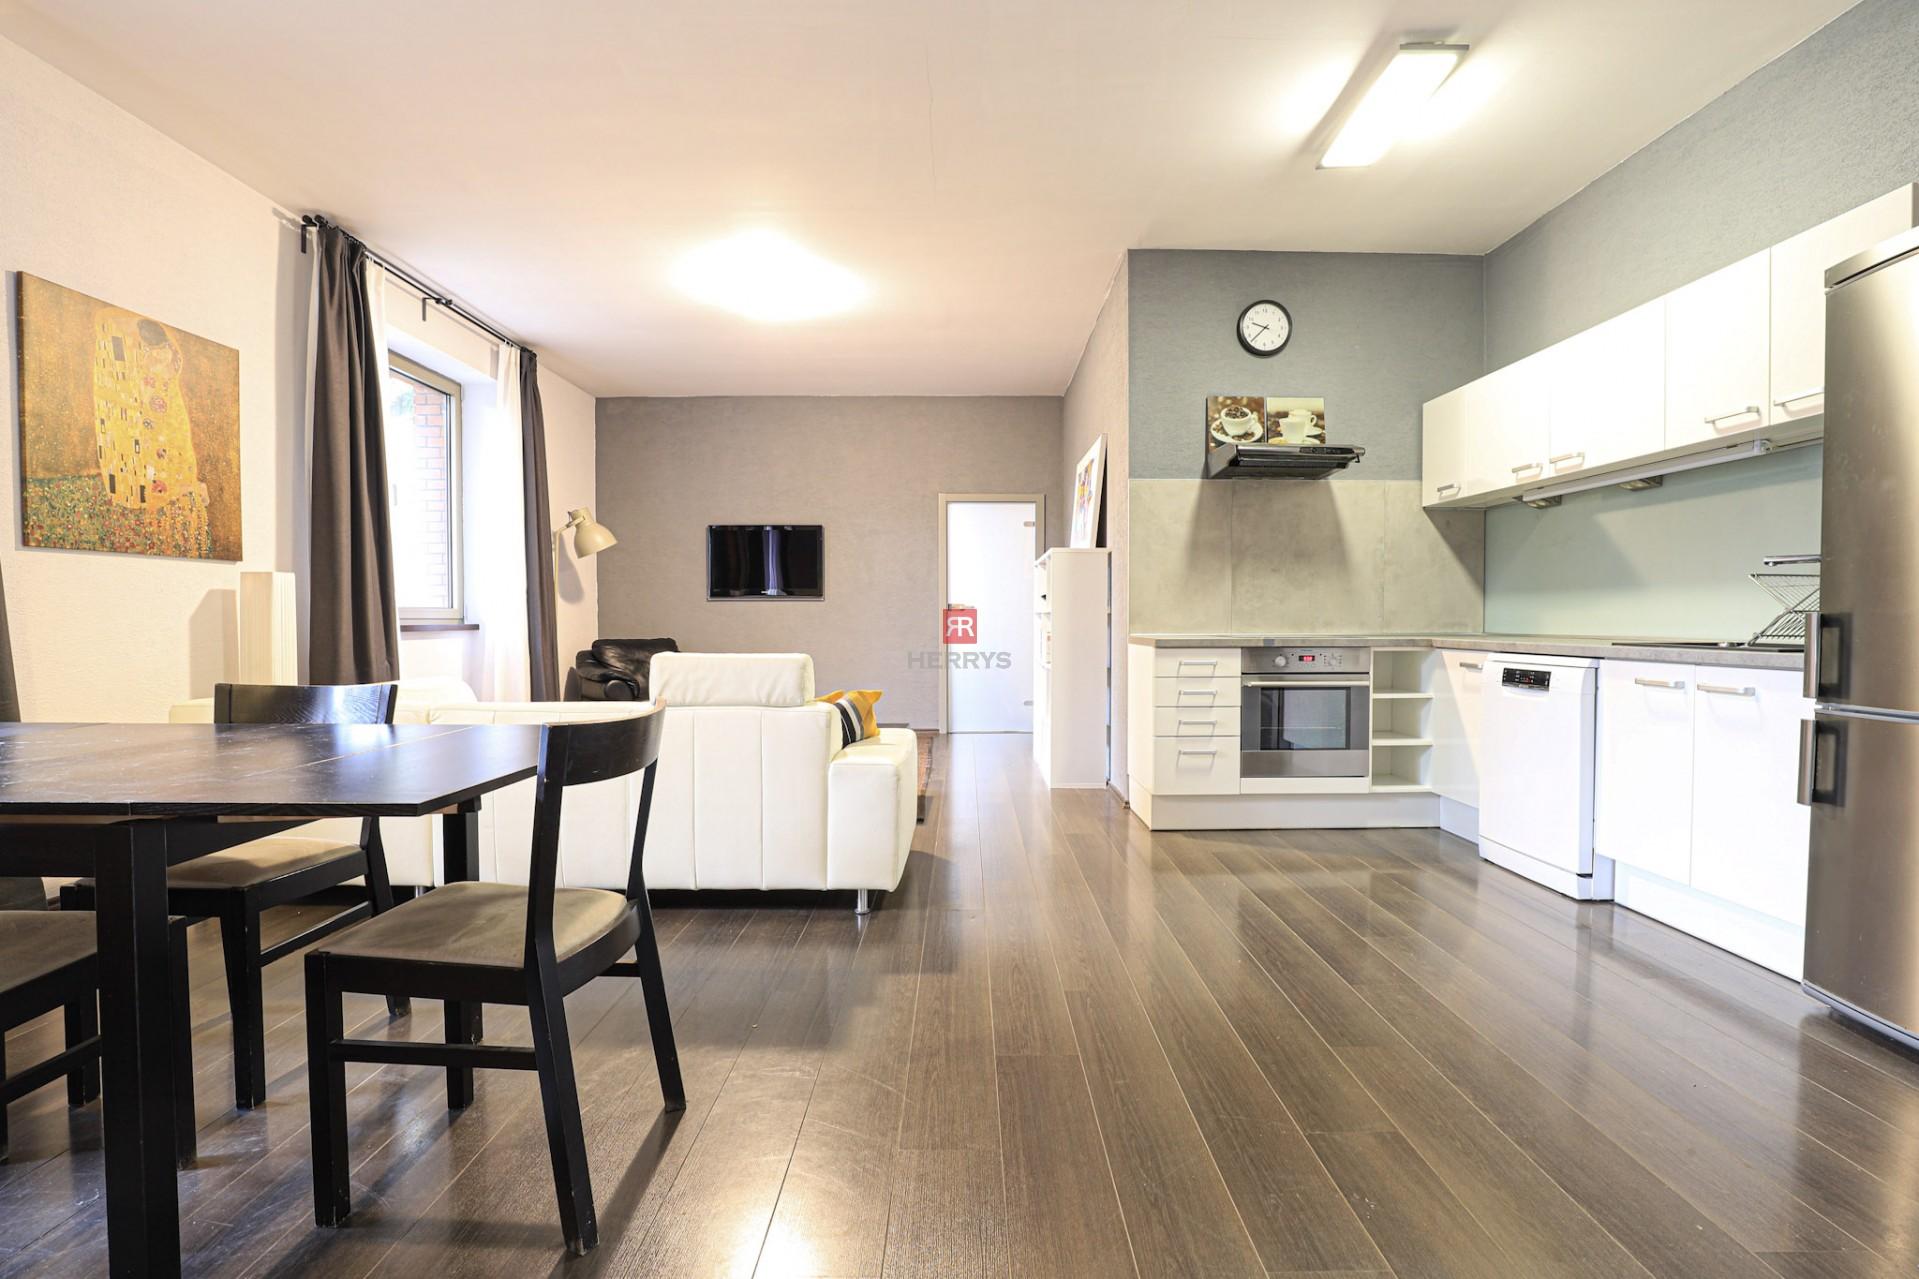 HERRYS - Na prenájom kompletne zariadený 2 izbový byt s terasou v bytovom dome v tichej lokalite v Prievoze